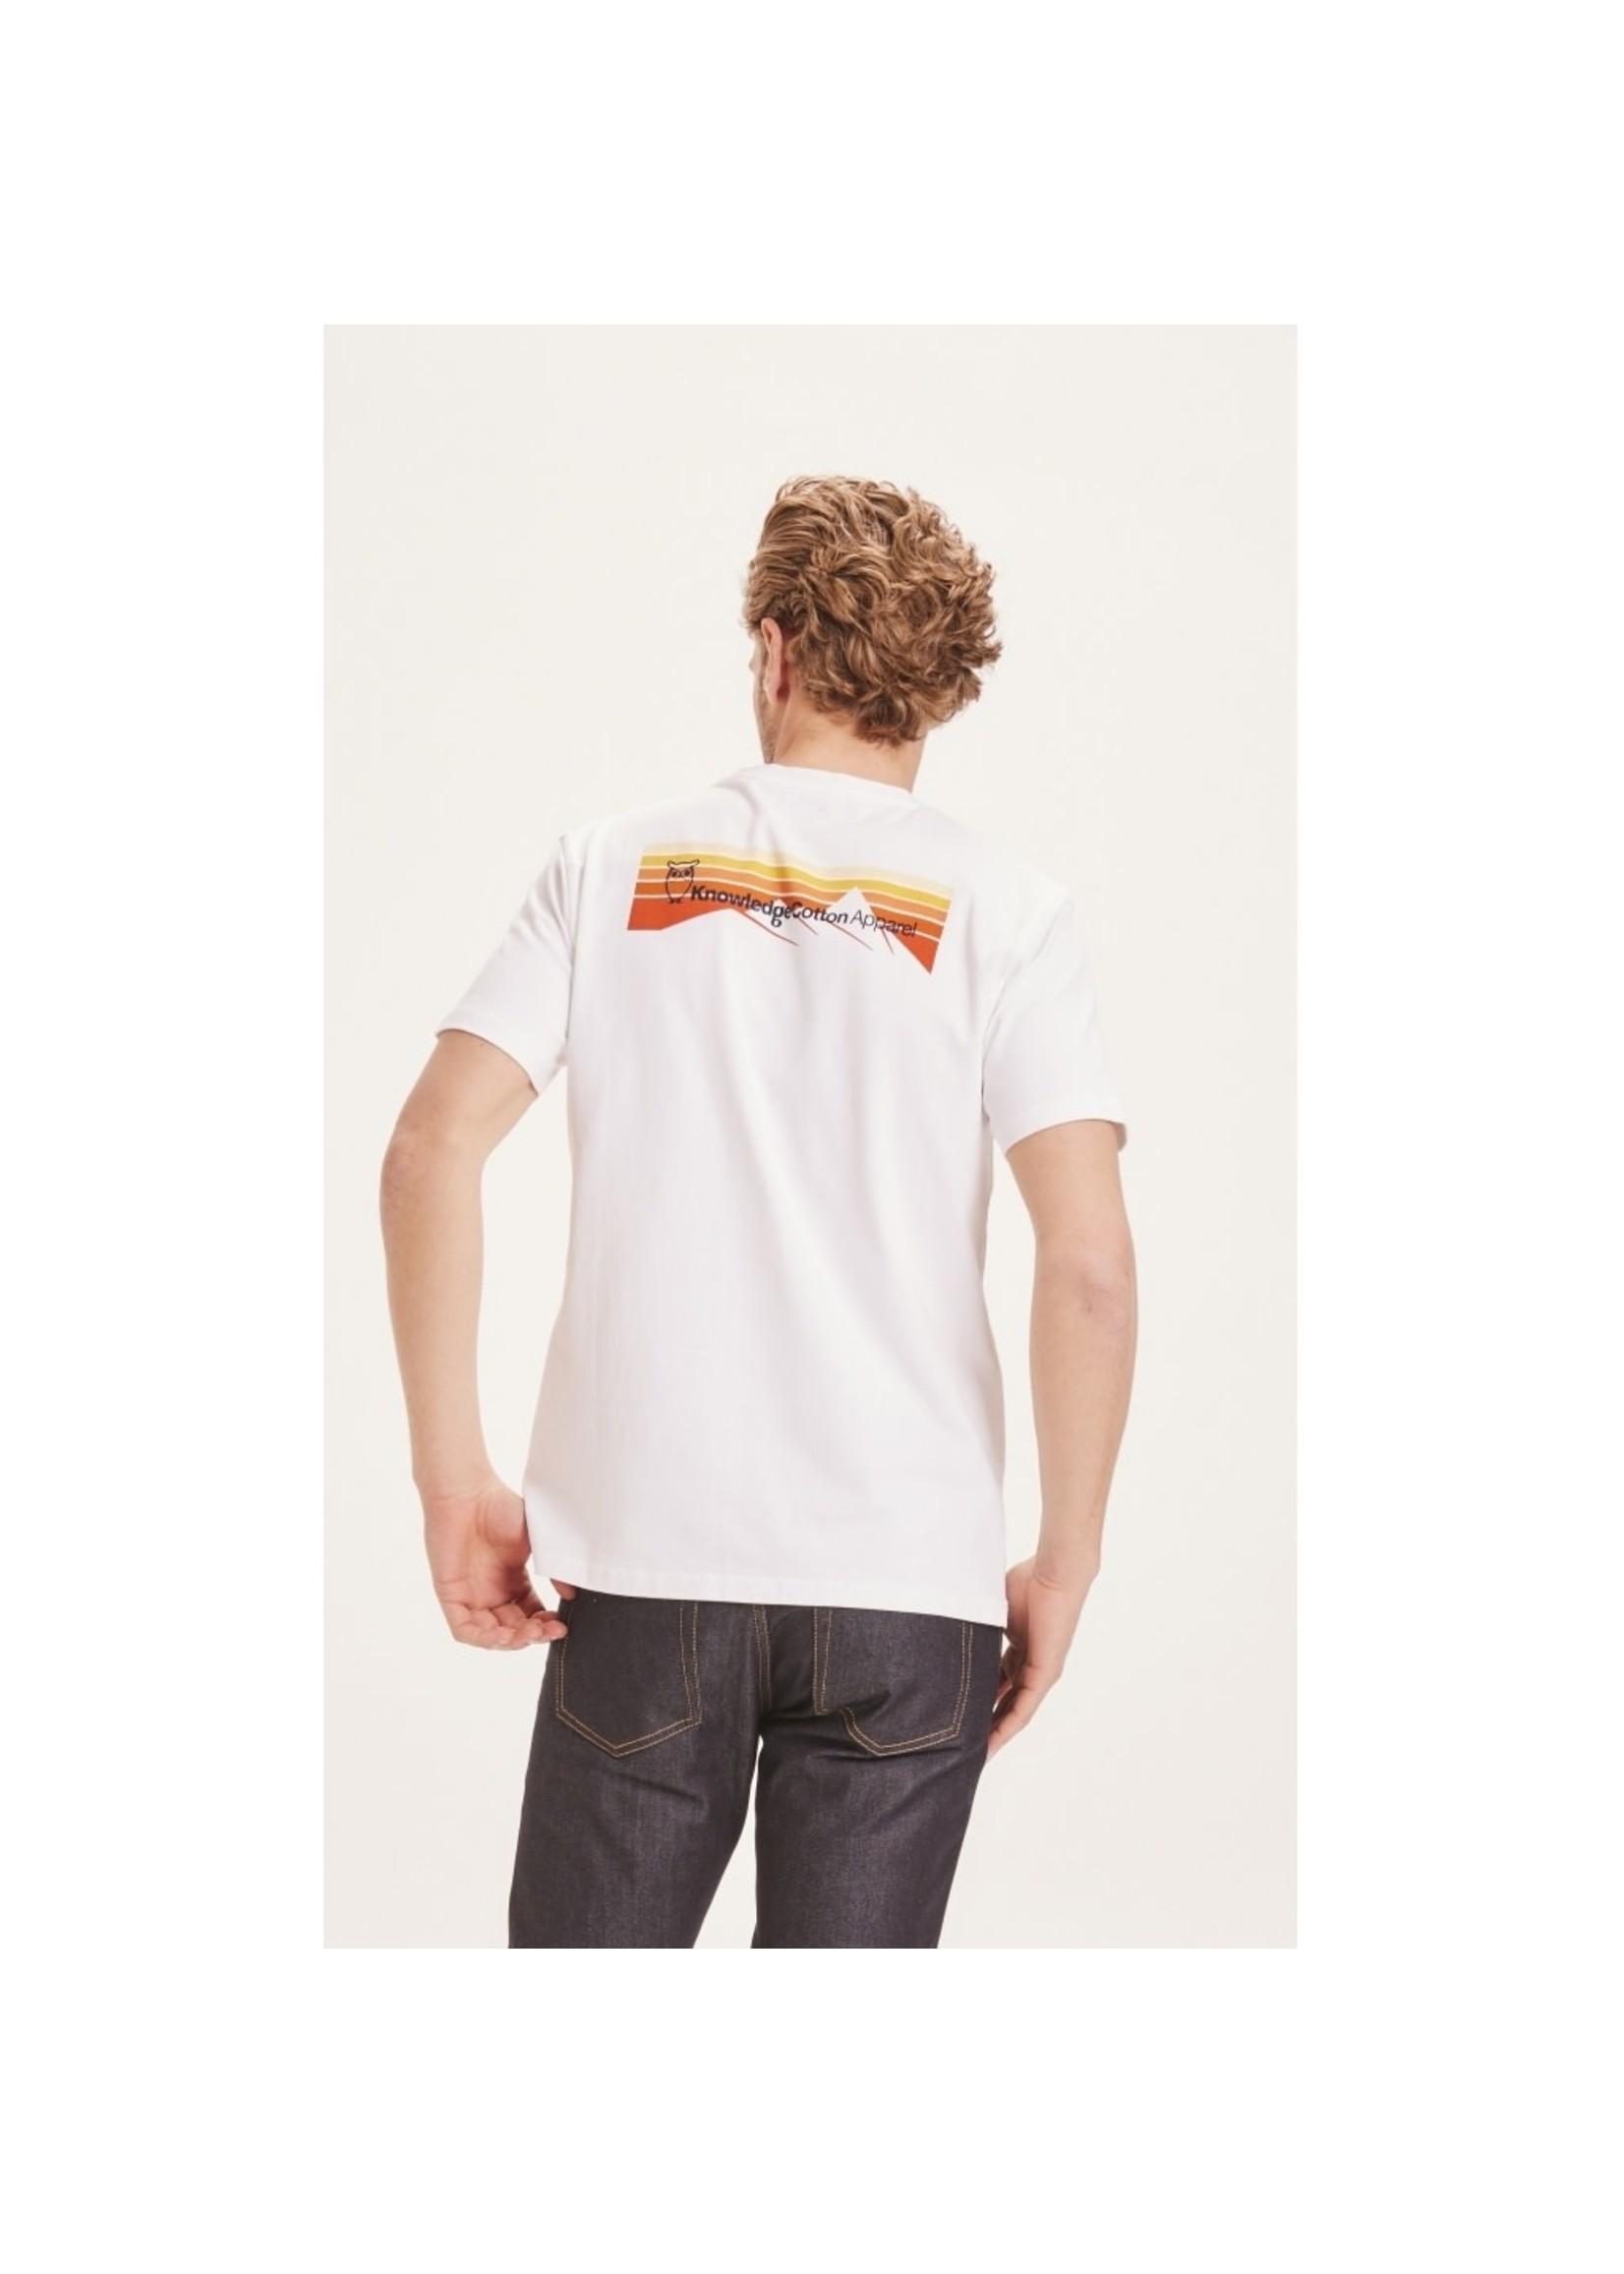 KnowledgeCotton KnowledgeCotton ALDER trademark mountain back printed tee - White